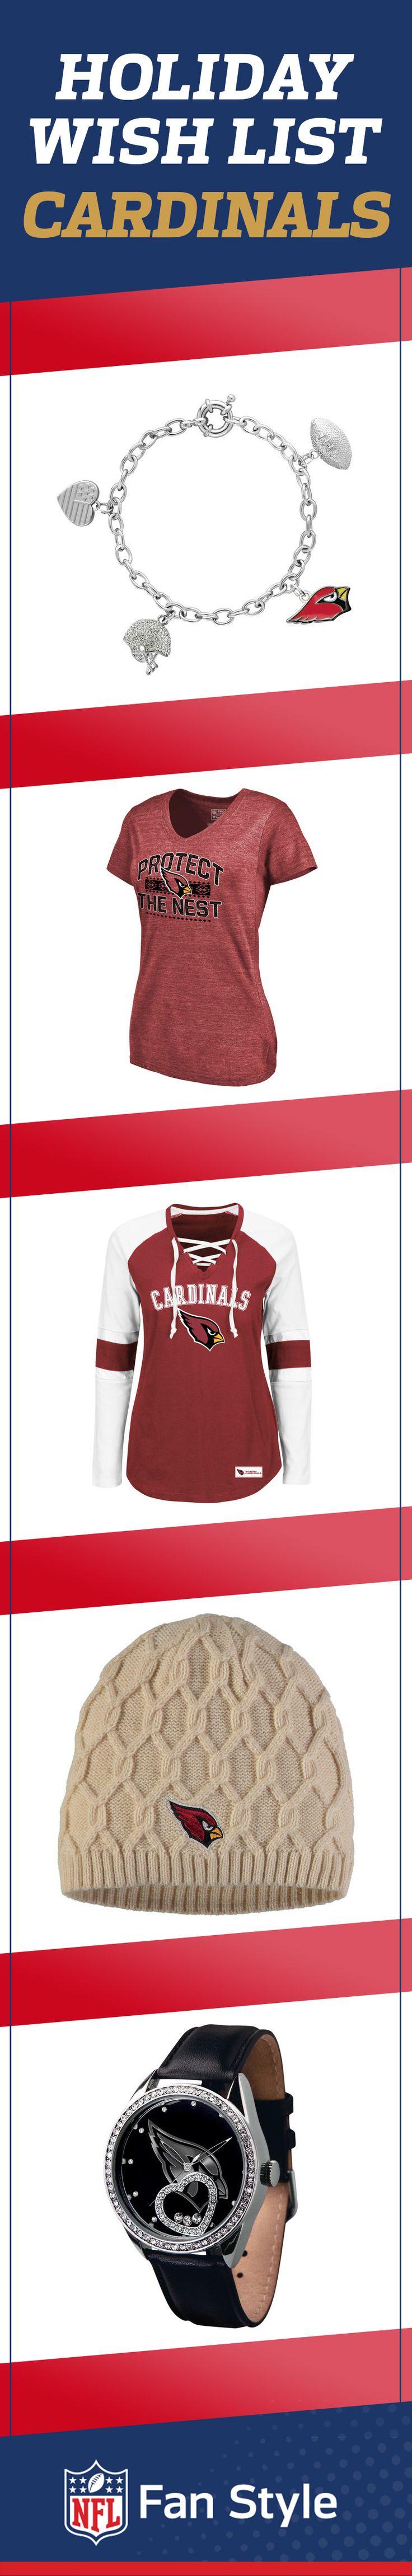 cardinals gear on sale